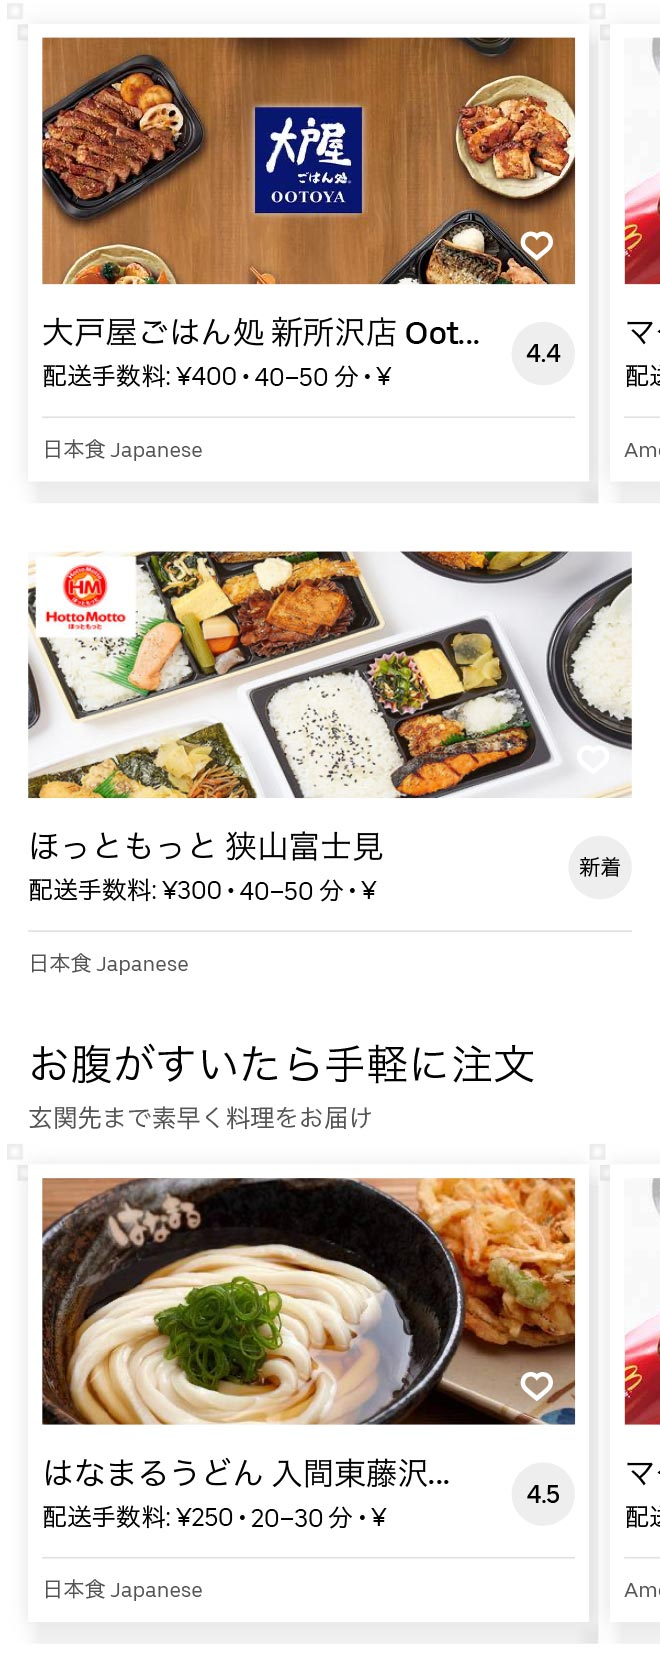 Iriso menu 2010 02